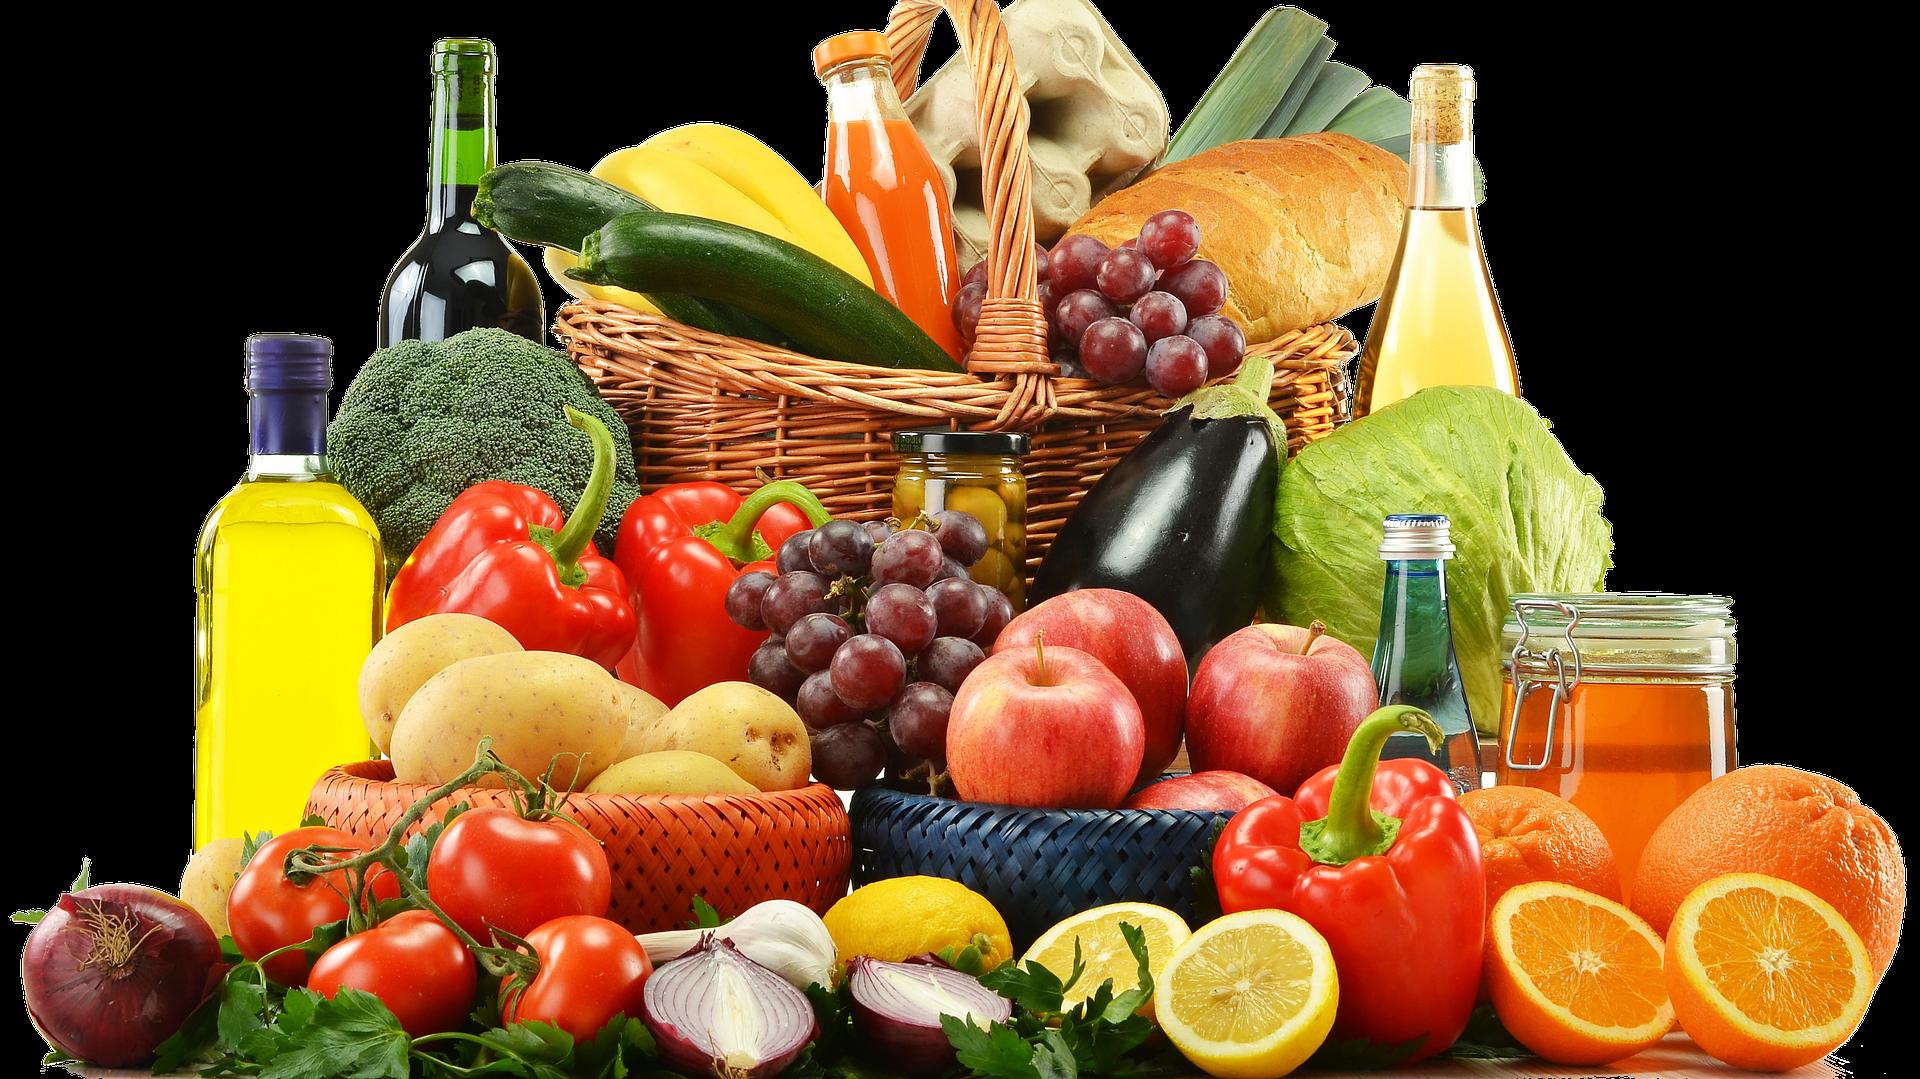 Online-Lebensmittelhandel erreicht kaum neue Kunden